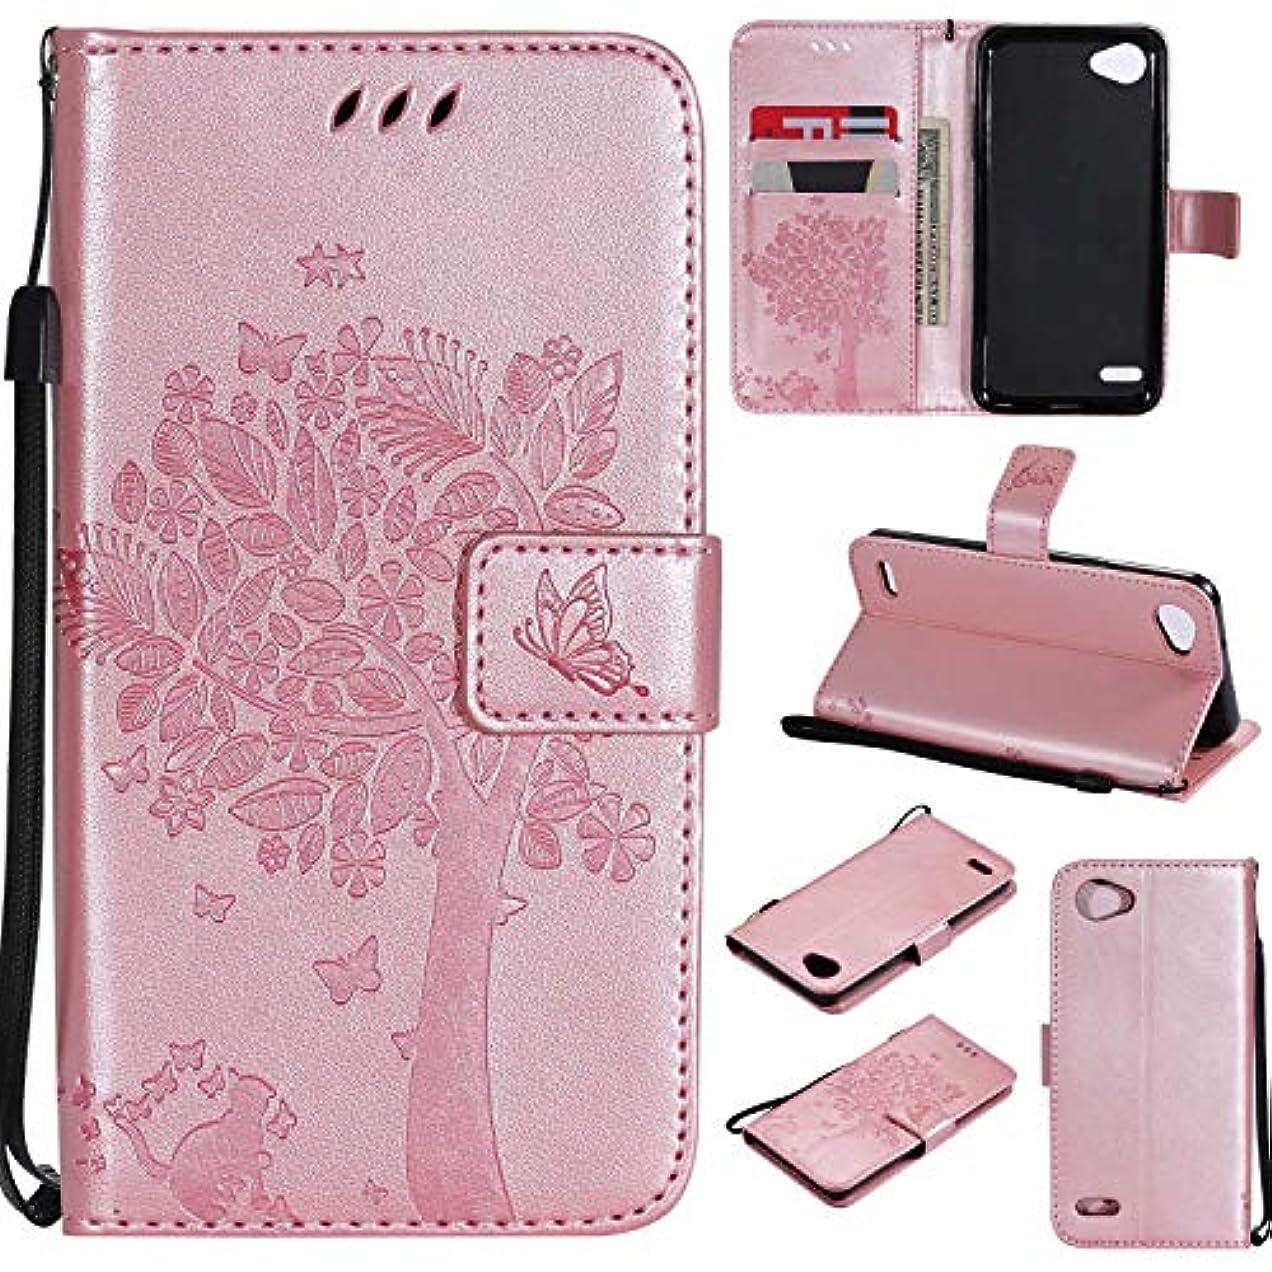 パブ槍誓約OMATENTI LG Q6 ケース 手帳型ケース ウォレット型 カード収納 ストラップ付き 高級感PUレザー 押し花木柄 落下防止 財布型 カバー LG Q6 用 Case Cover, ローズゴールド